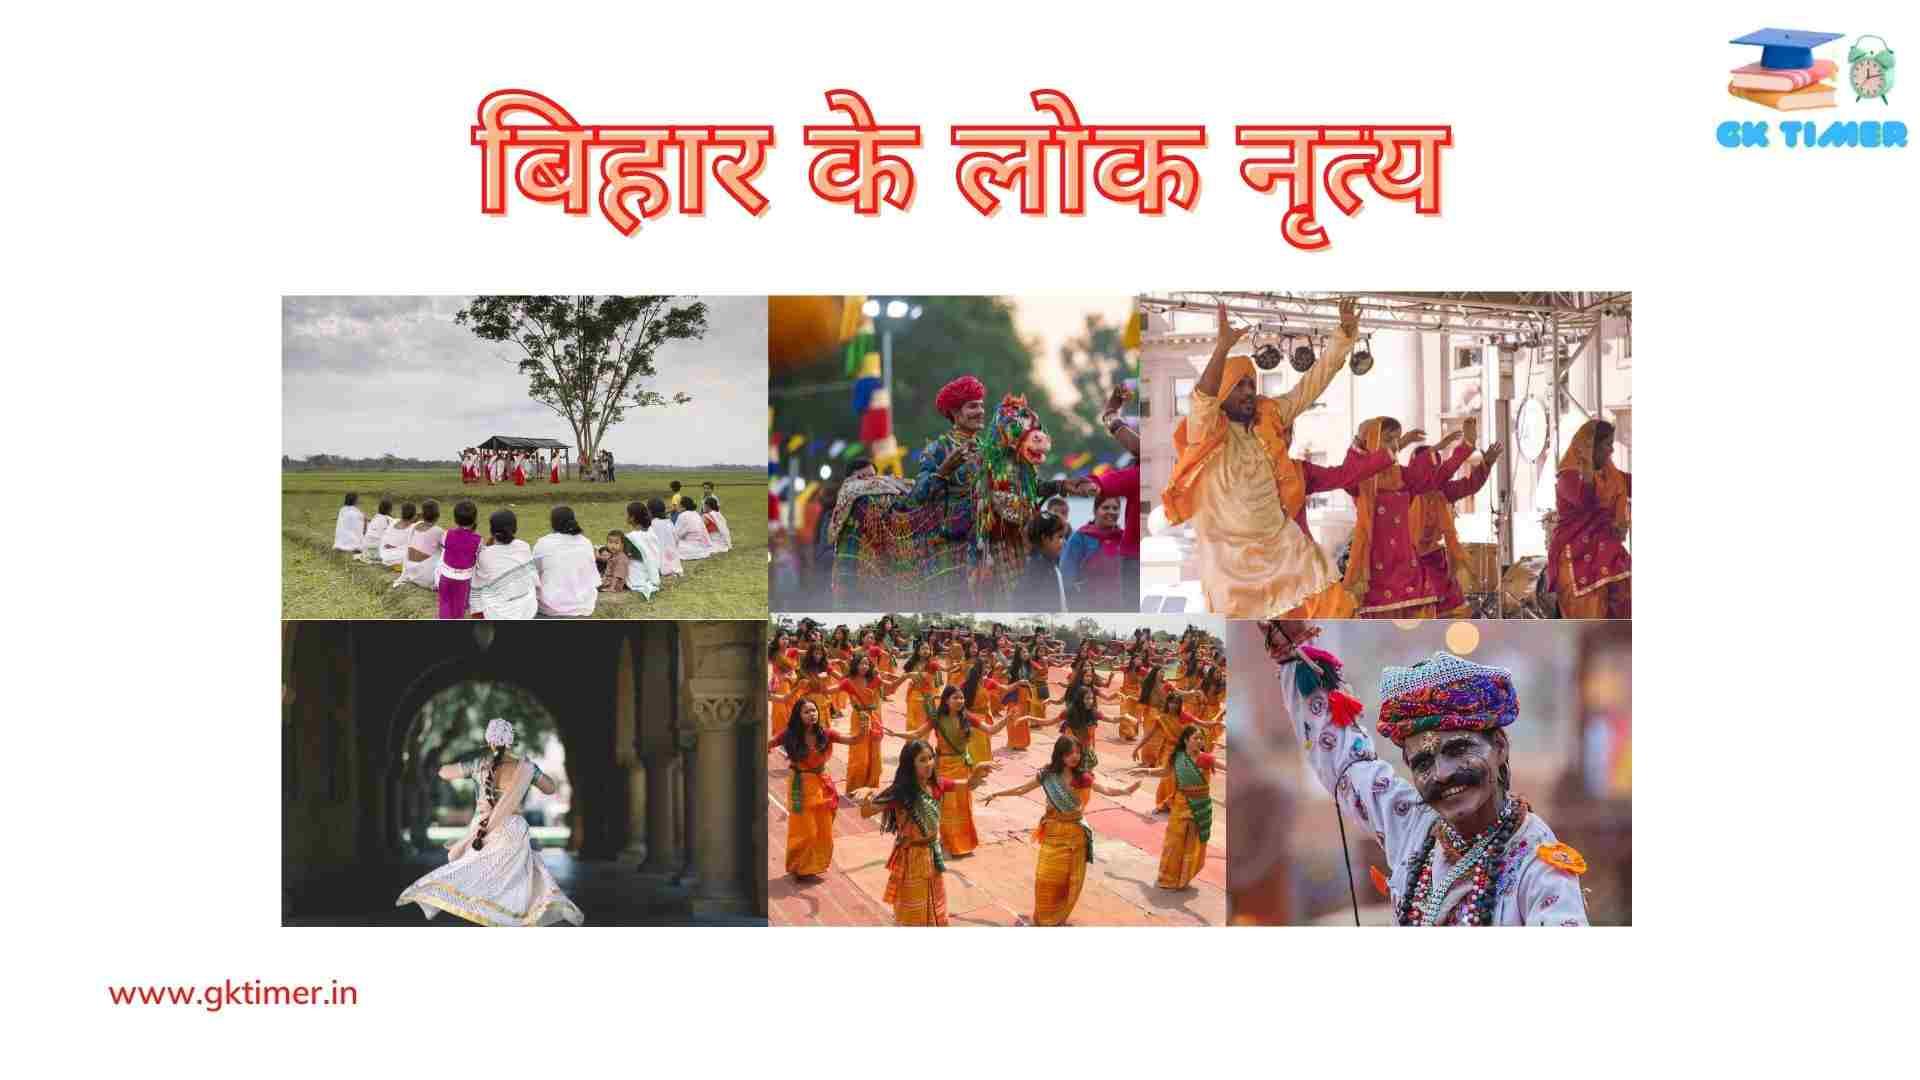 बिहार के  पारंपरिक लोक नृत्य(बिदेसिया, जट जटिन, झिझिया, झुमरी, पाइका, सामा-चाकेवा)   Traditional folk dances of  Bihar in Hindi